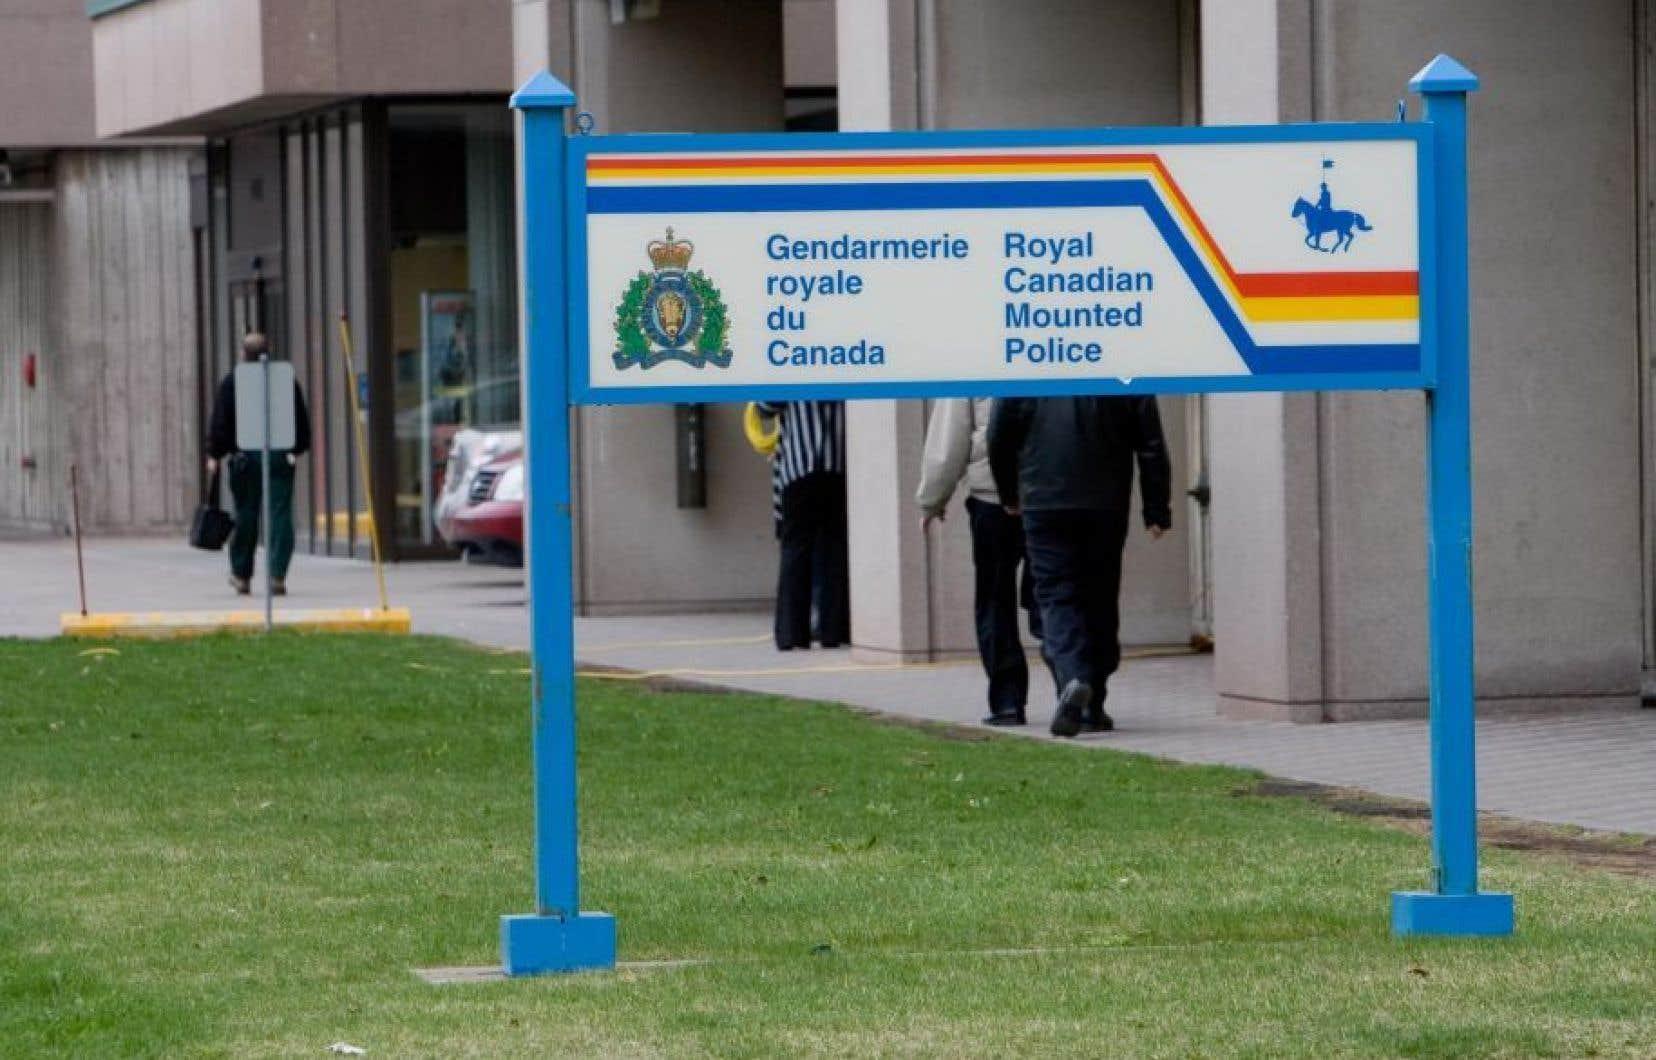 <p>La force de police nationale responsable de la sécurité sur la Colline du Parlement est installée à l'édifice Langevin prèsdu bureaudu premier ministre.</p>